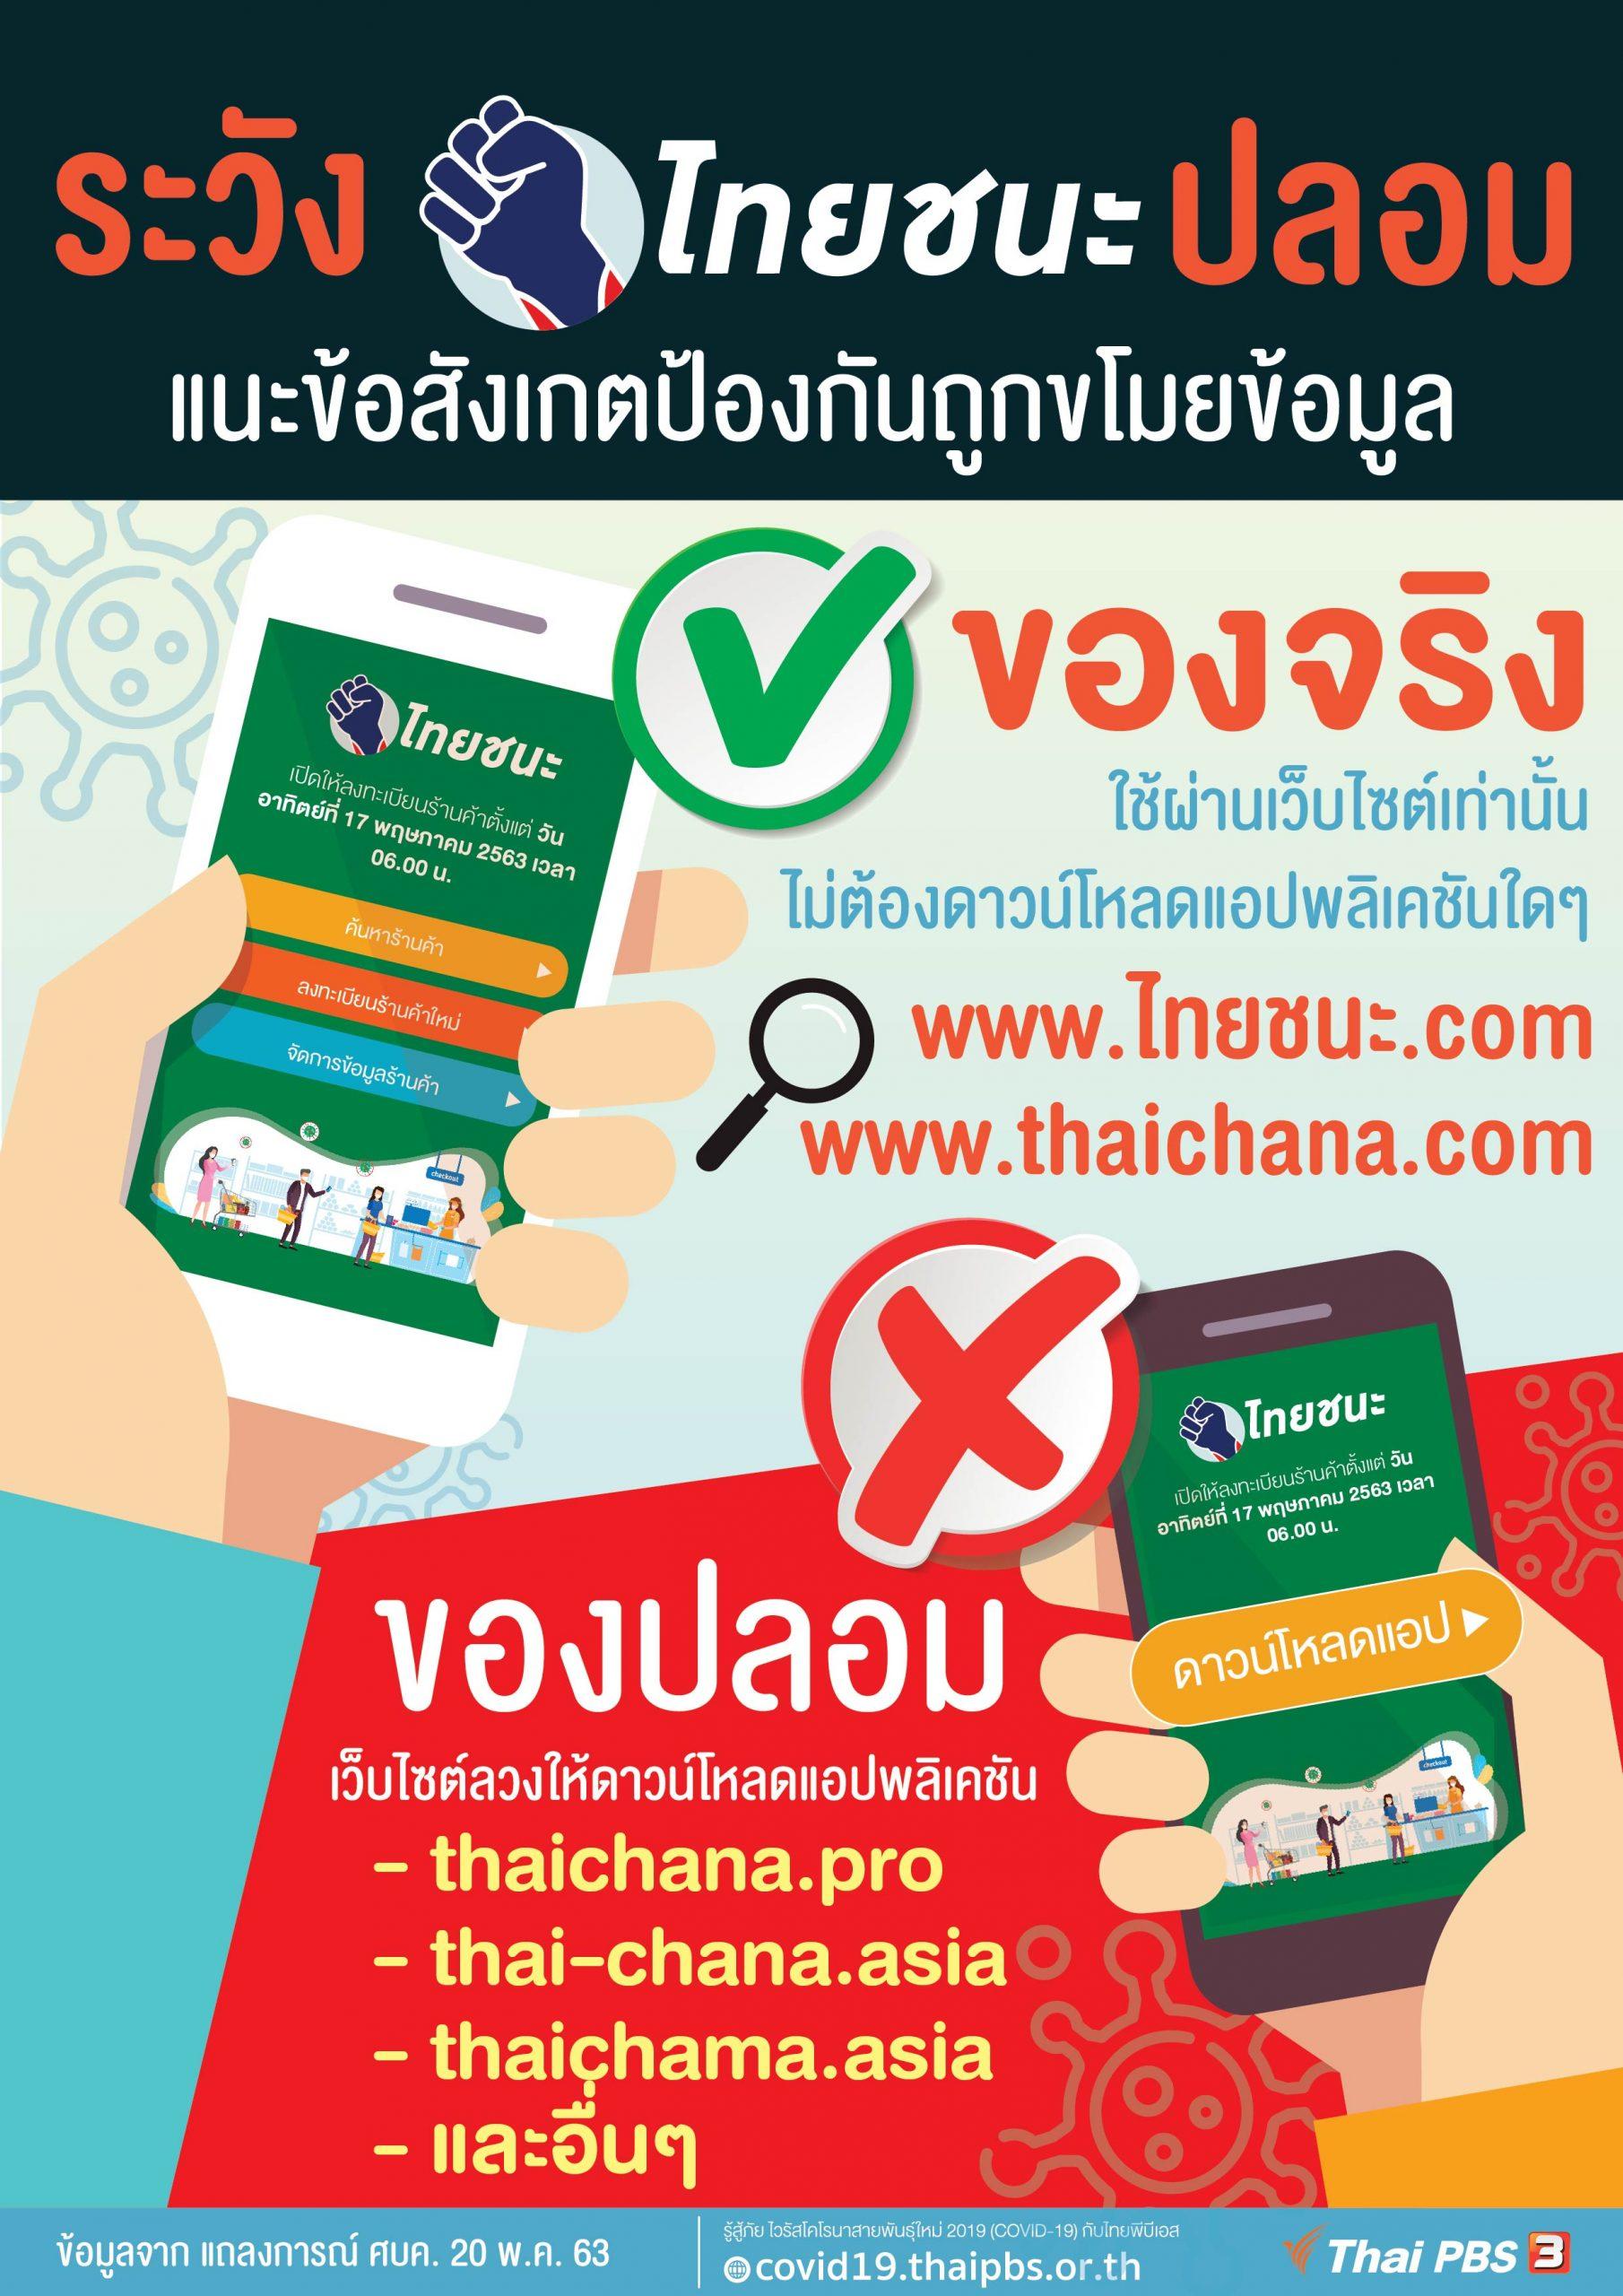 แนะข้อสังเกตแพลตฟอร์ม www.ไทยชนะ.com